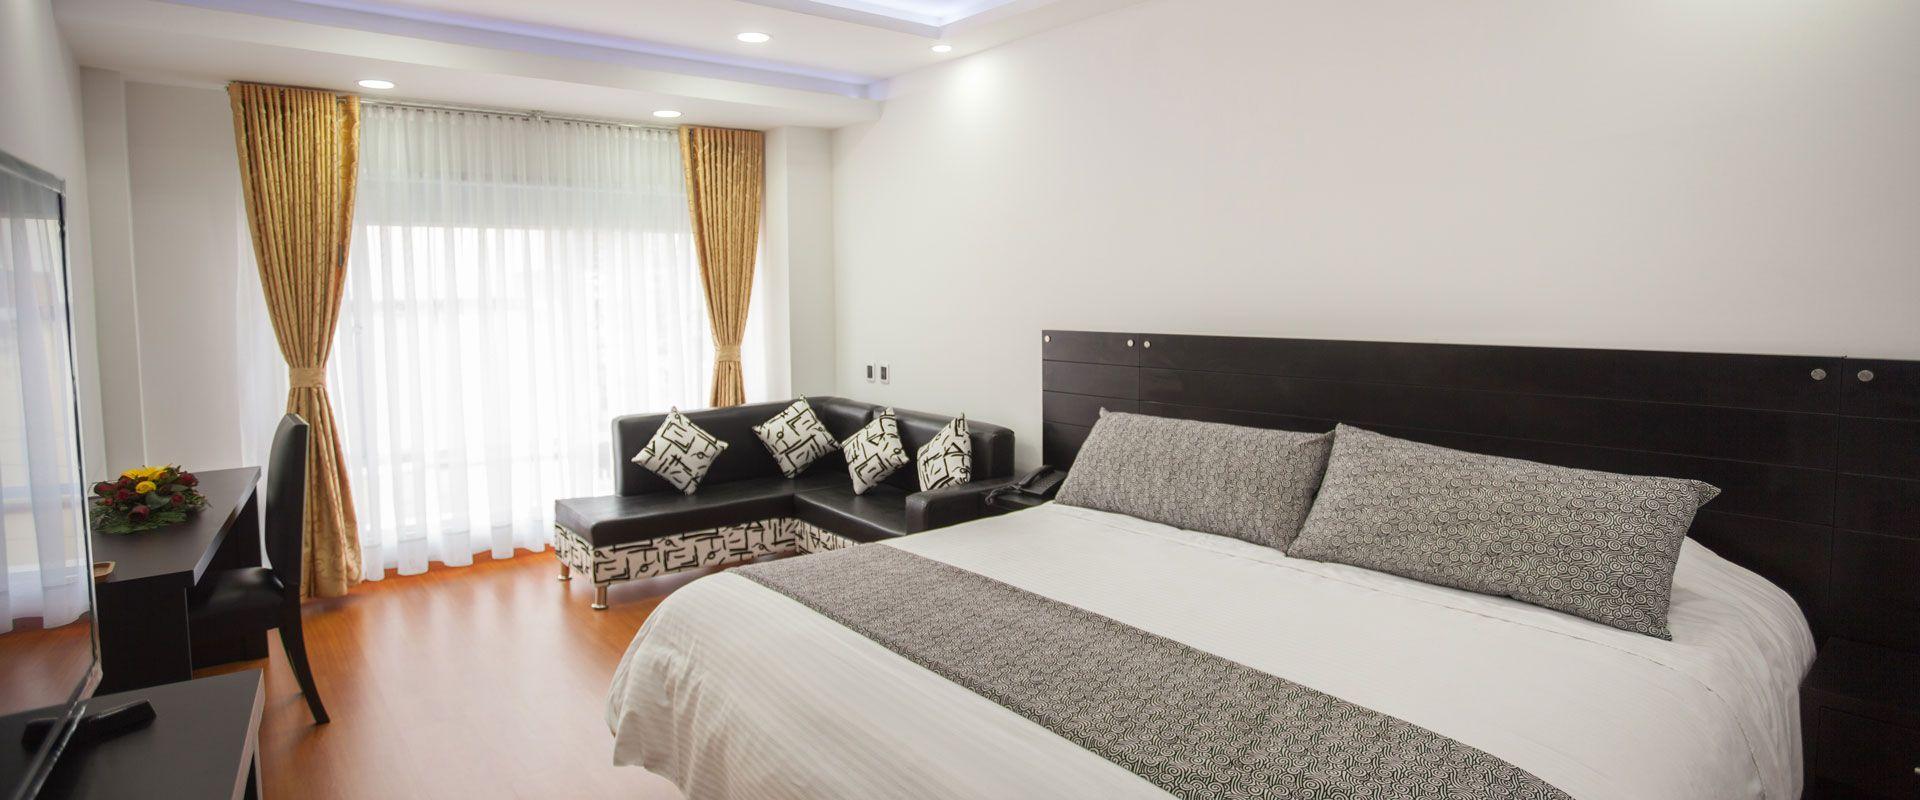 habitación suite hotel palermo suite